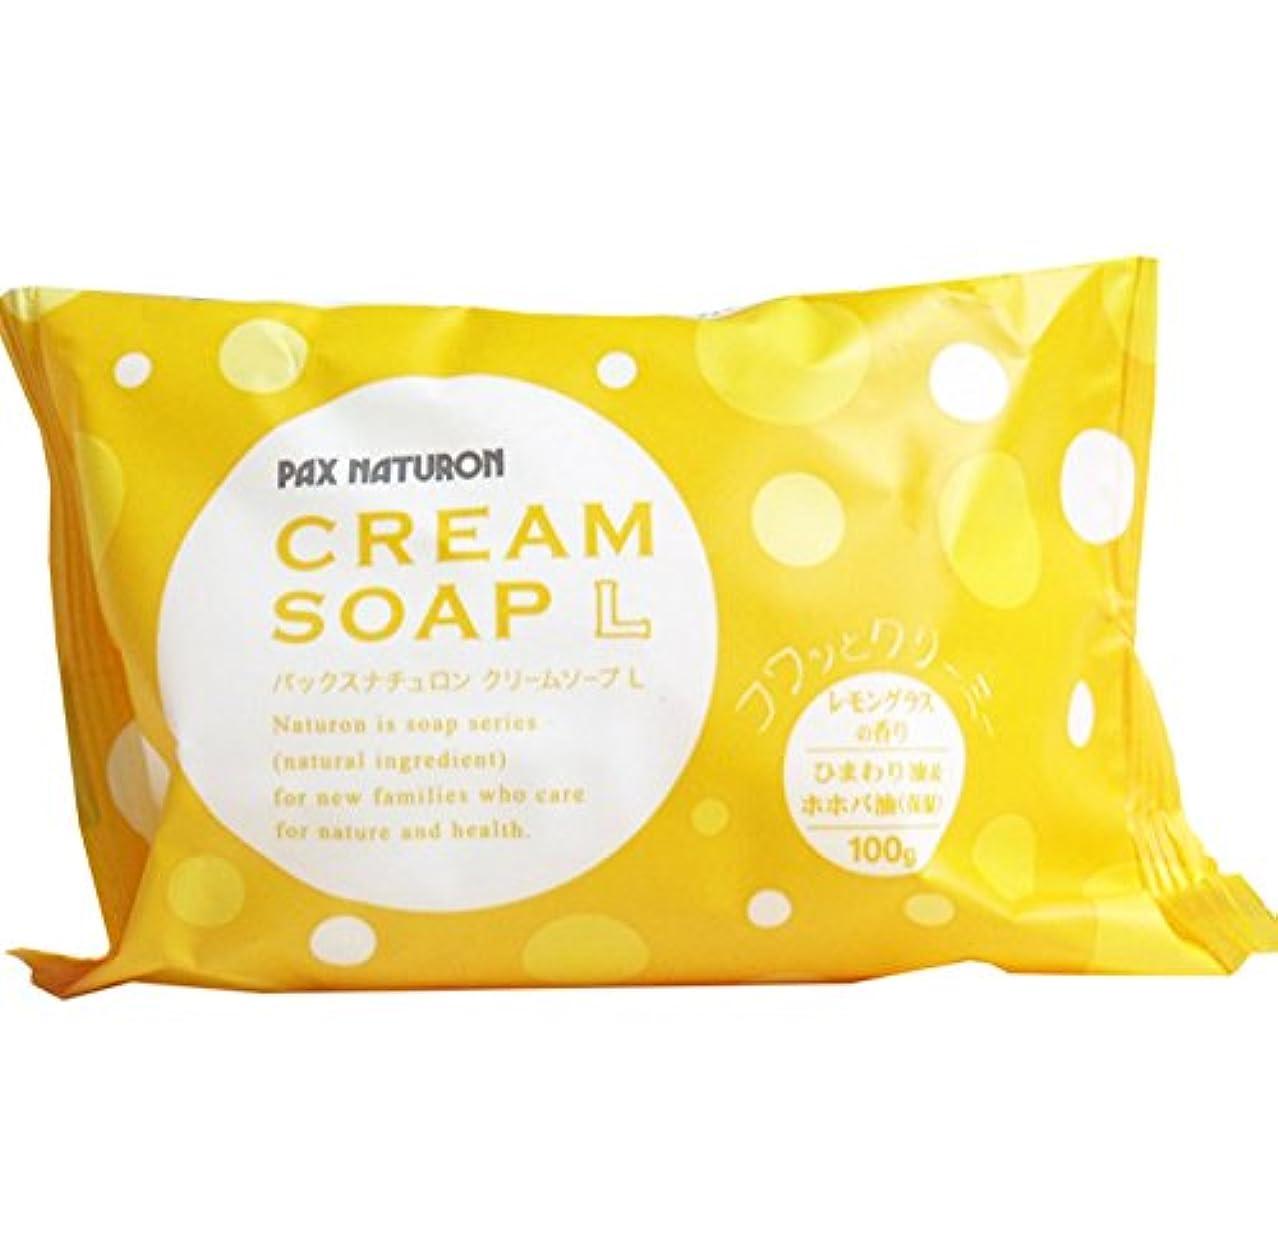 形容詞カロリー甘いパックスナチュロン クリームソープL レモングラスの香り 100g ×2セット